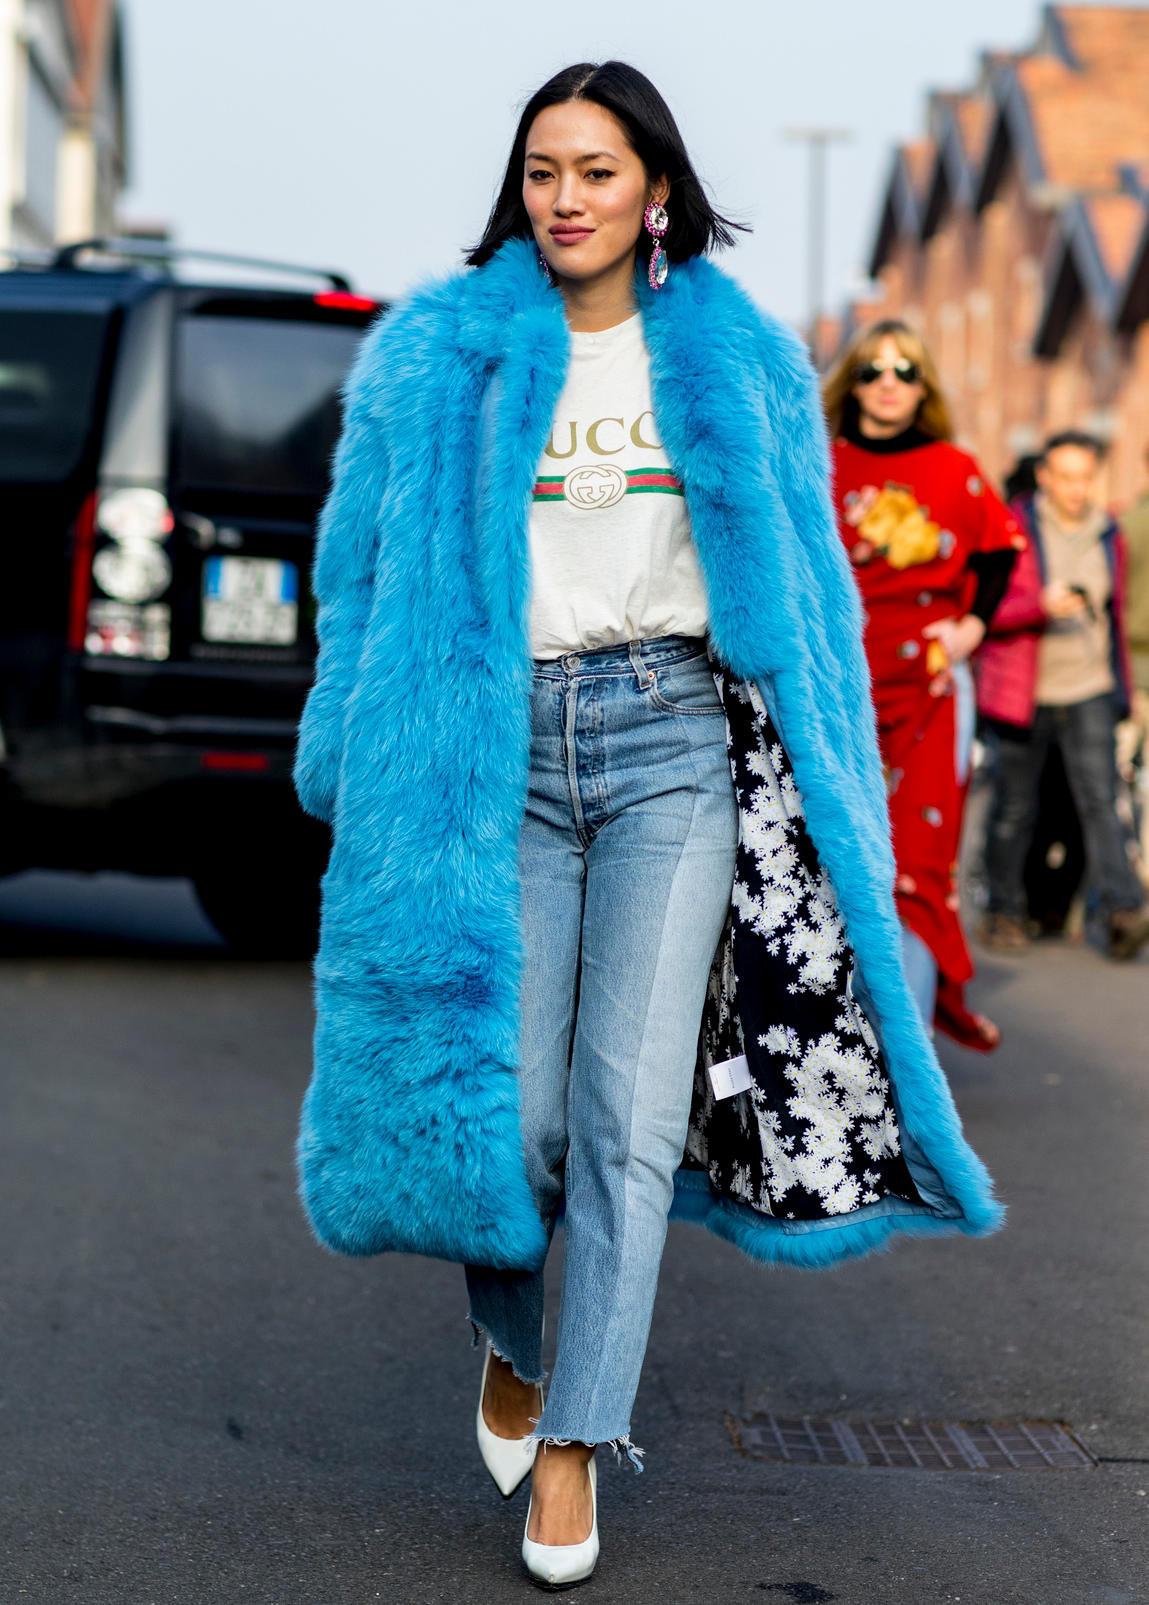 Gucci giữ vị trí thứ 2 trong bảng xếp hạng. Thiết kế áo thun in logo mang cảm hứng hoài cổ của nhà mốt là item khởi đầu cho trào lưu áo phông high-fashion của năm qua.